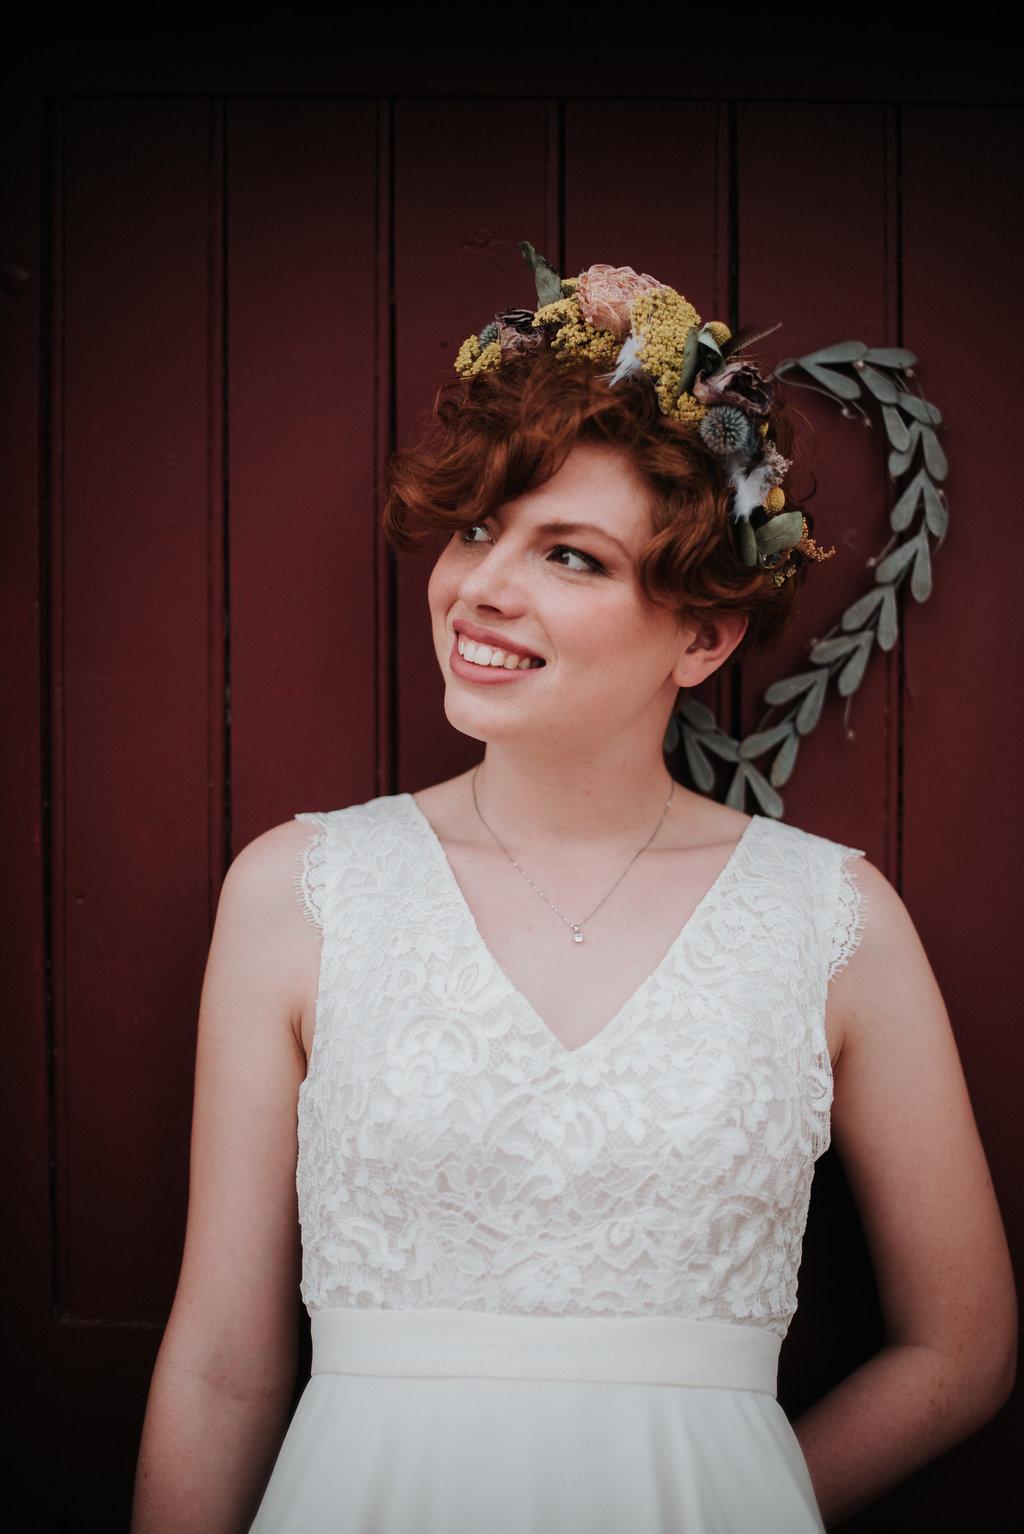 Léa-Fery-photographe-professionnel-lyon-rhone-alpes-portrait-creation-mariage-evenement-evenementiel-famille-7845.jpg